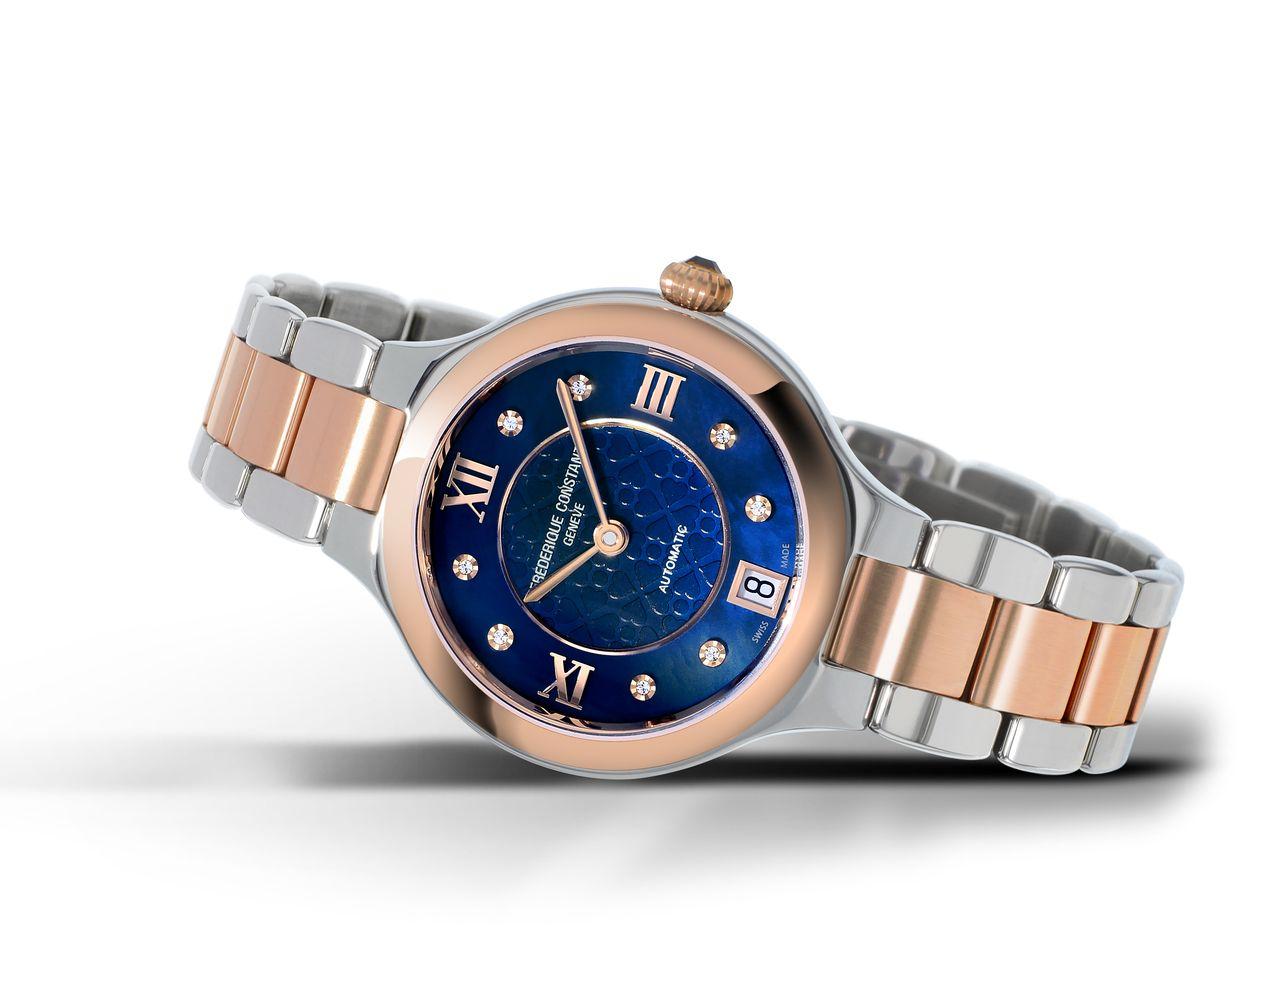 Frédérique Constant Classics Delight Automatic - acél-arany és kék, mindkettő keresett manapság